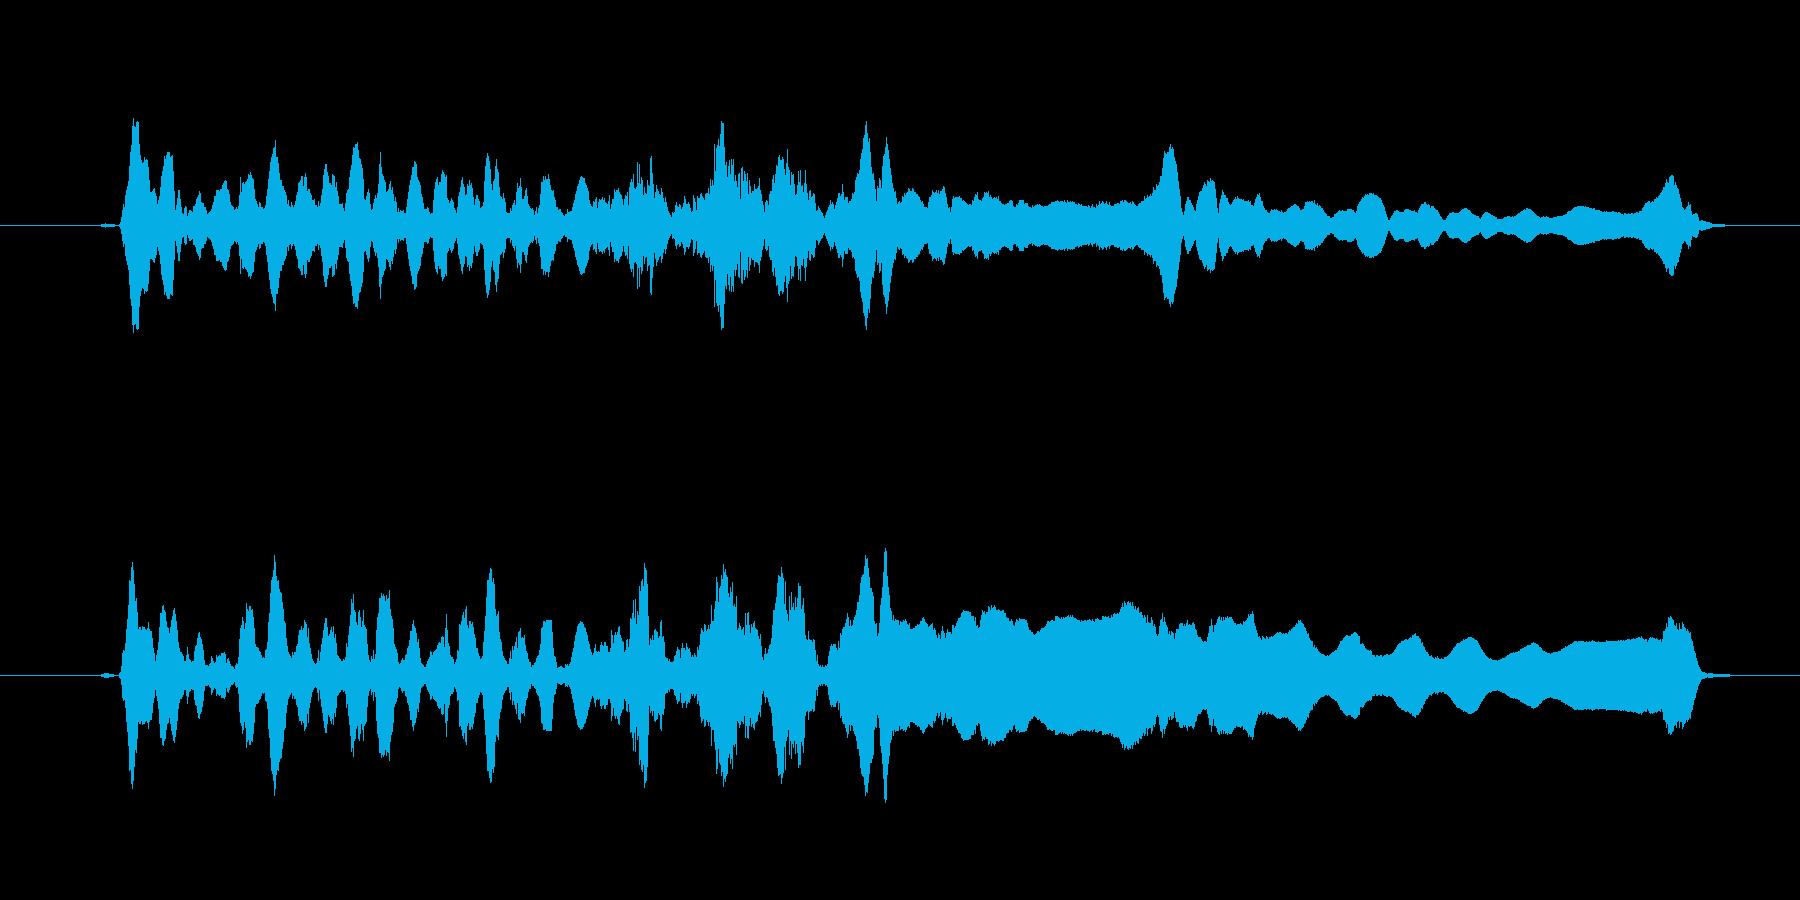 尺八によるジングルの再生済みの波形